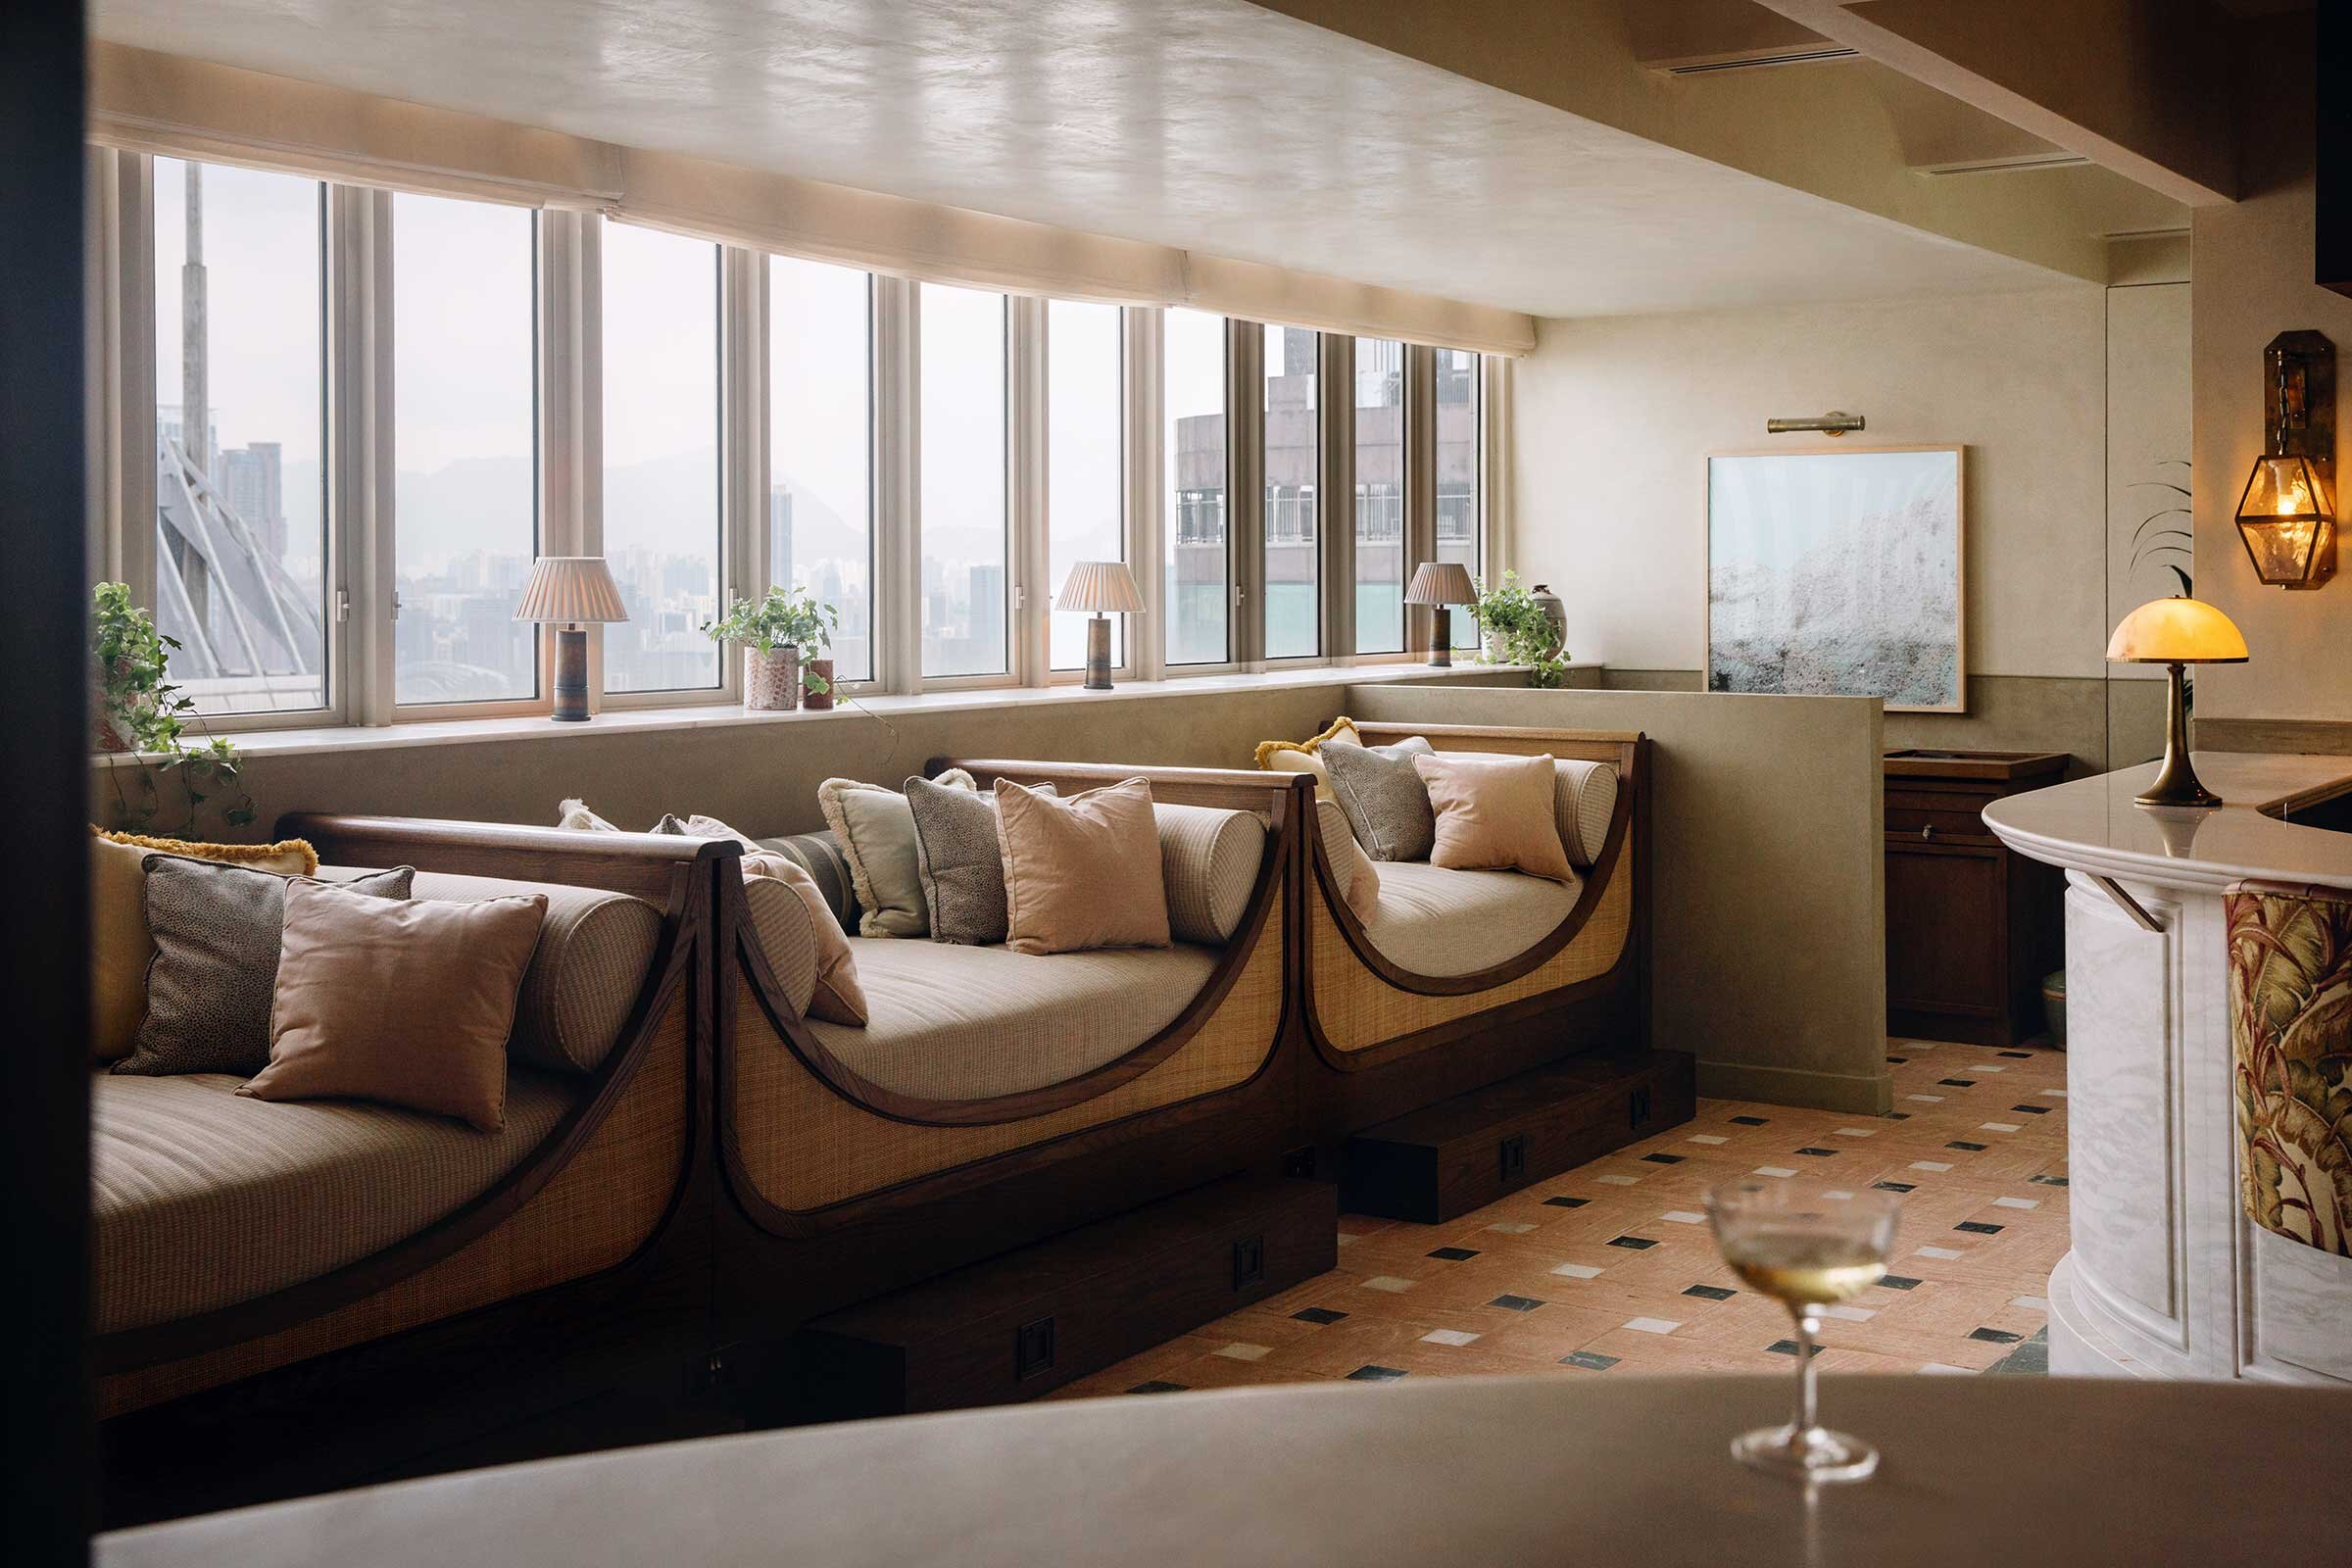 SHHK-Pool-Room-2.jpg